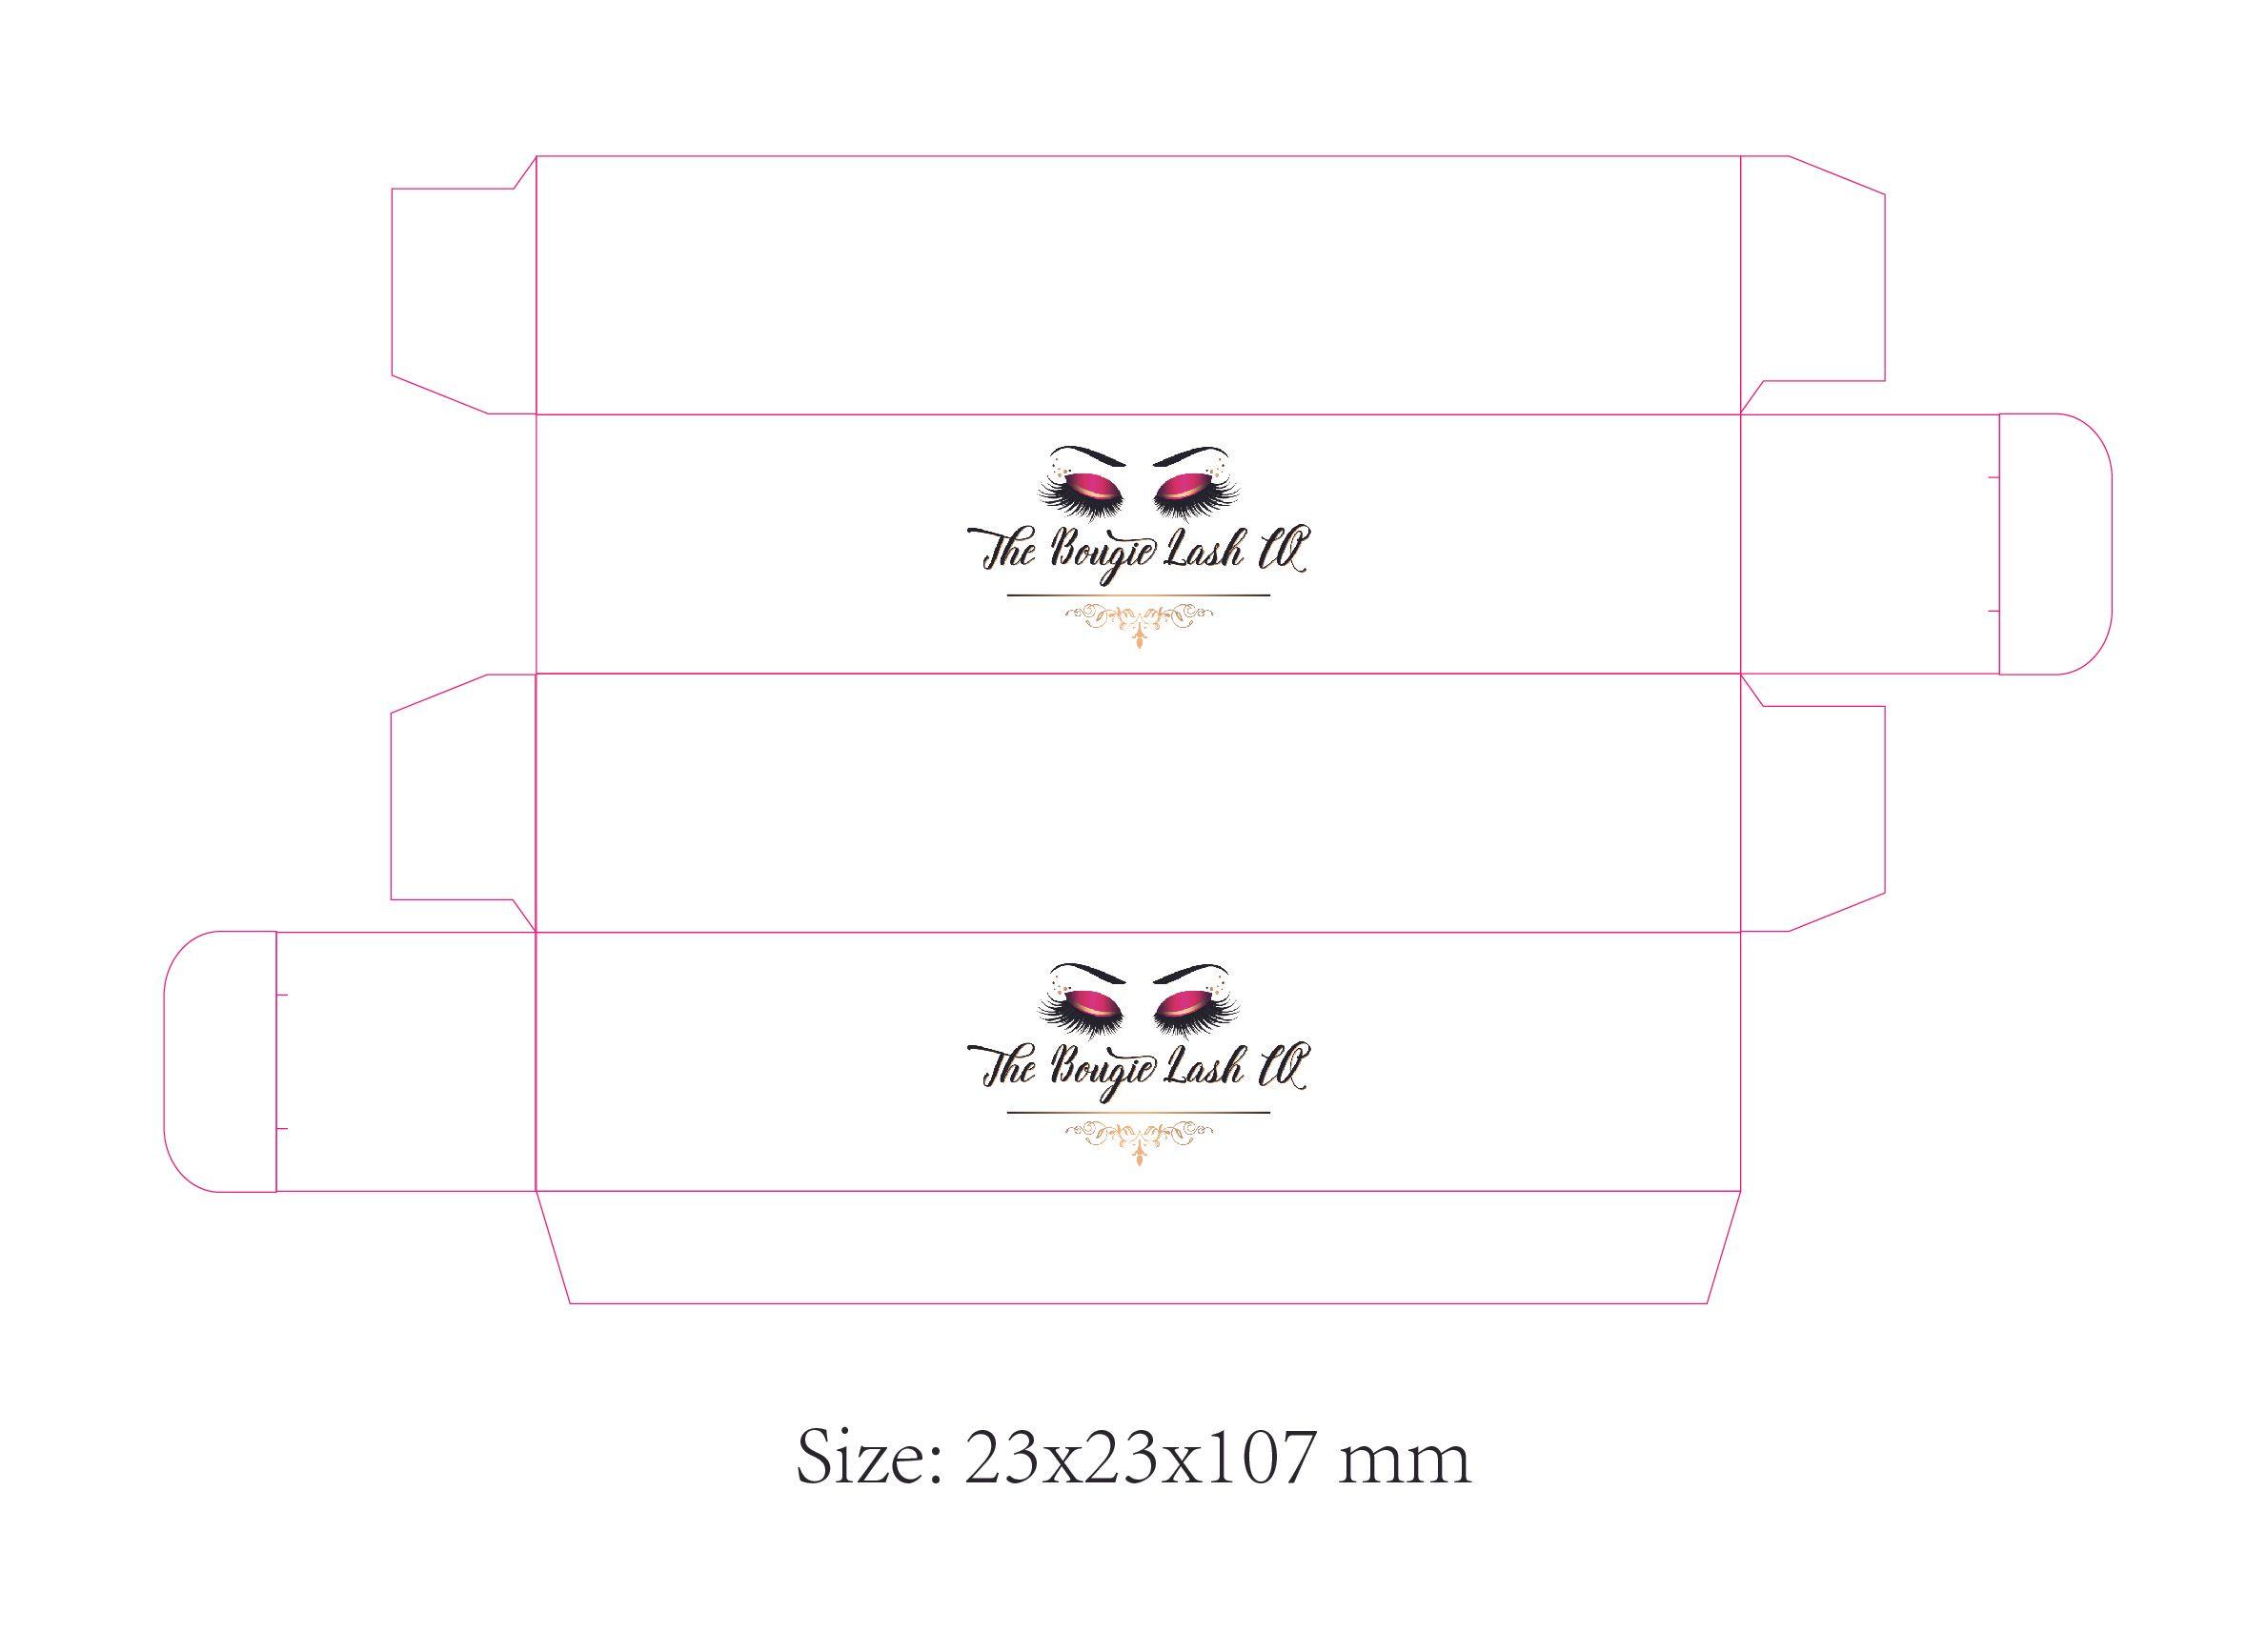 Papierschachteln individuelles Logo für Lippenstift / Kosmetik / Körperpflege gedruckt. Vollfarbig bedruckte Boxboxen mit hochwertigem Laminat